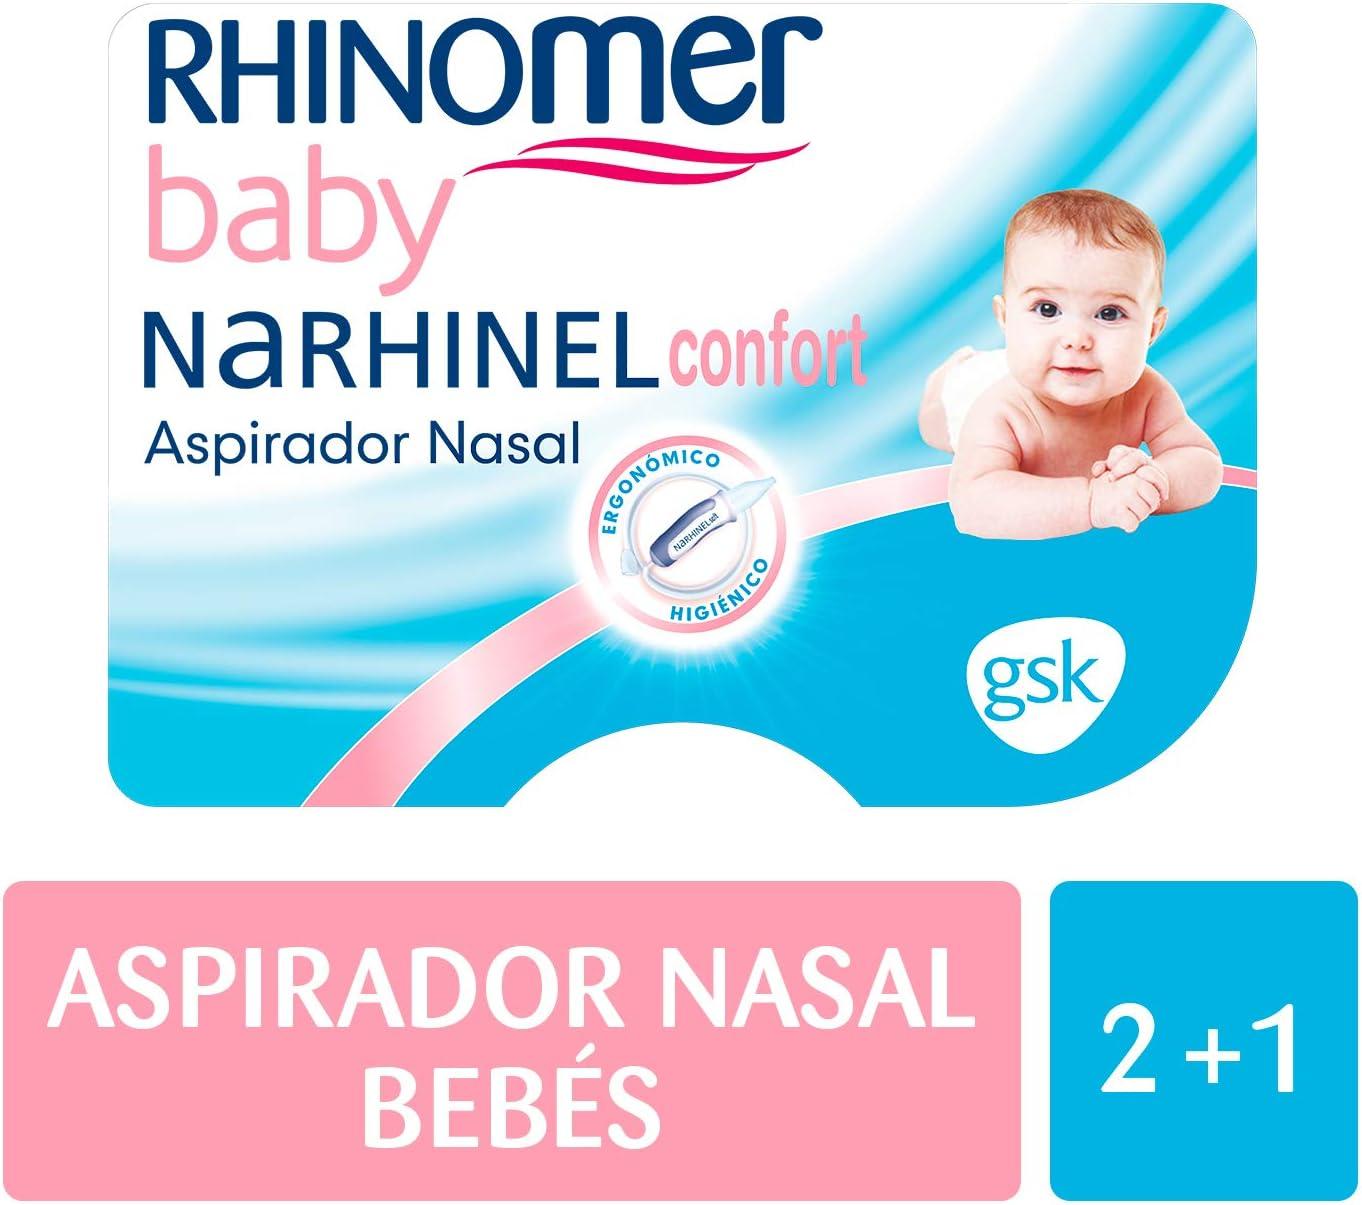 Rhinomer Baby - Narhinel Confort Aspirador Nasal+ 2 recambios blandos desechables: Amazon.es: Salud y cuidado personal